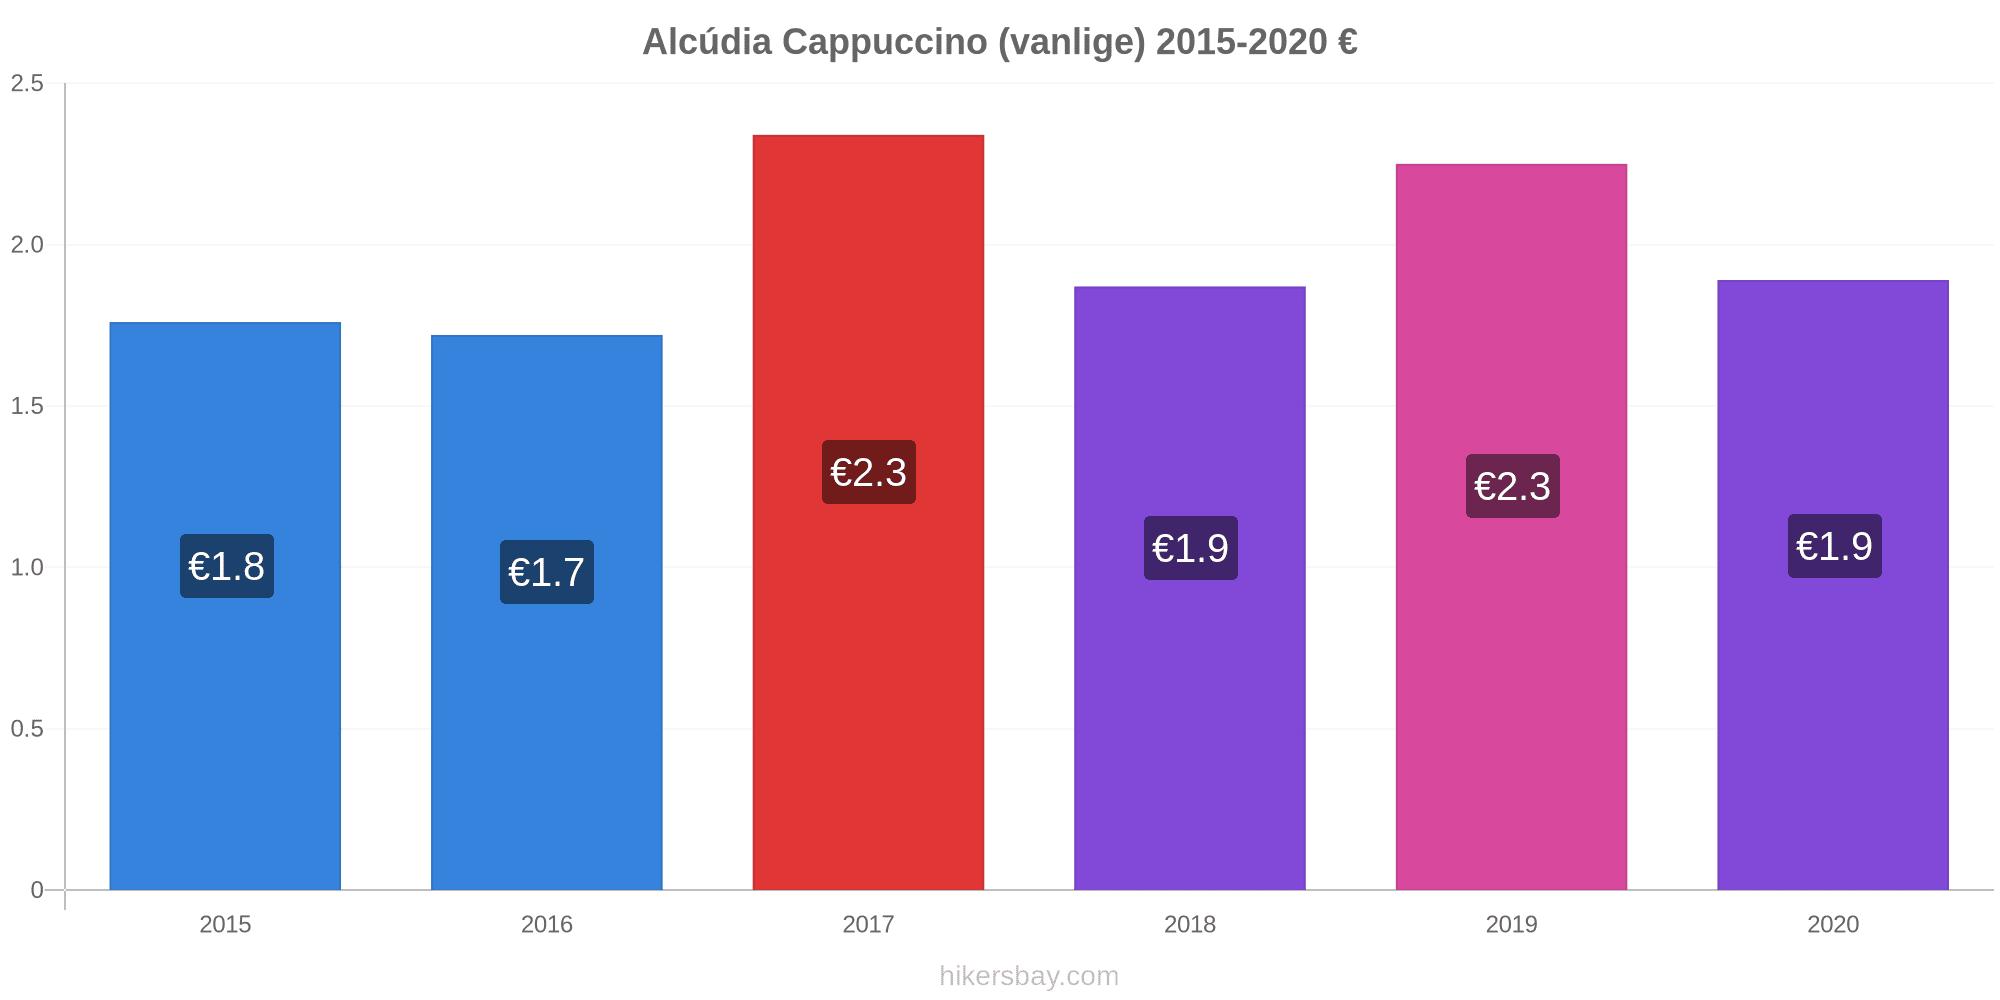 Prisnivå Alcudia